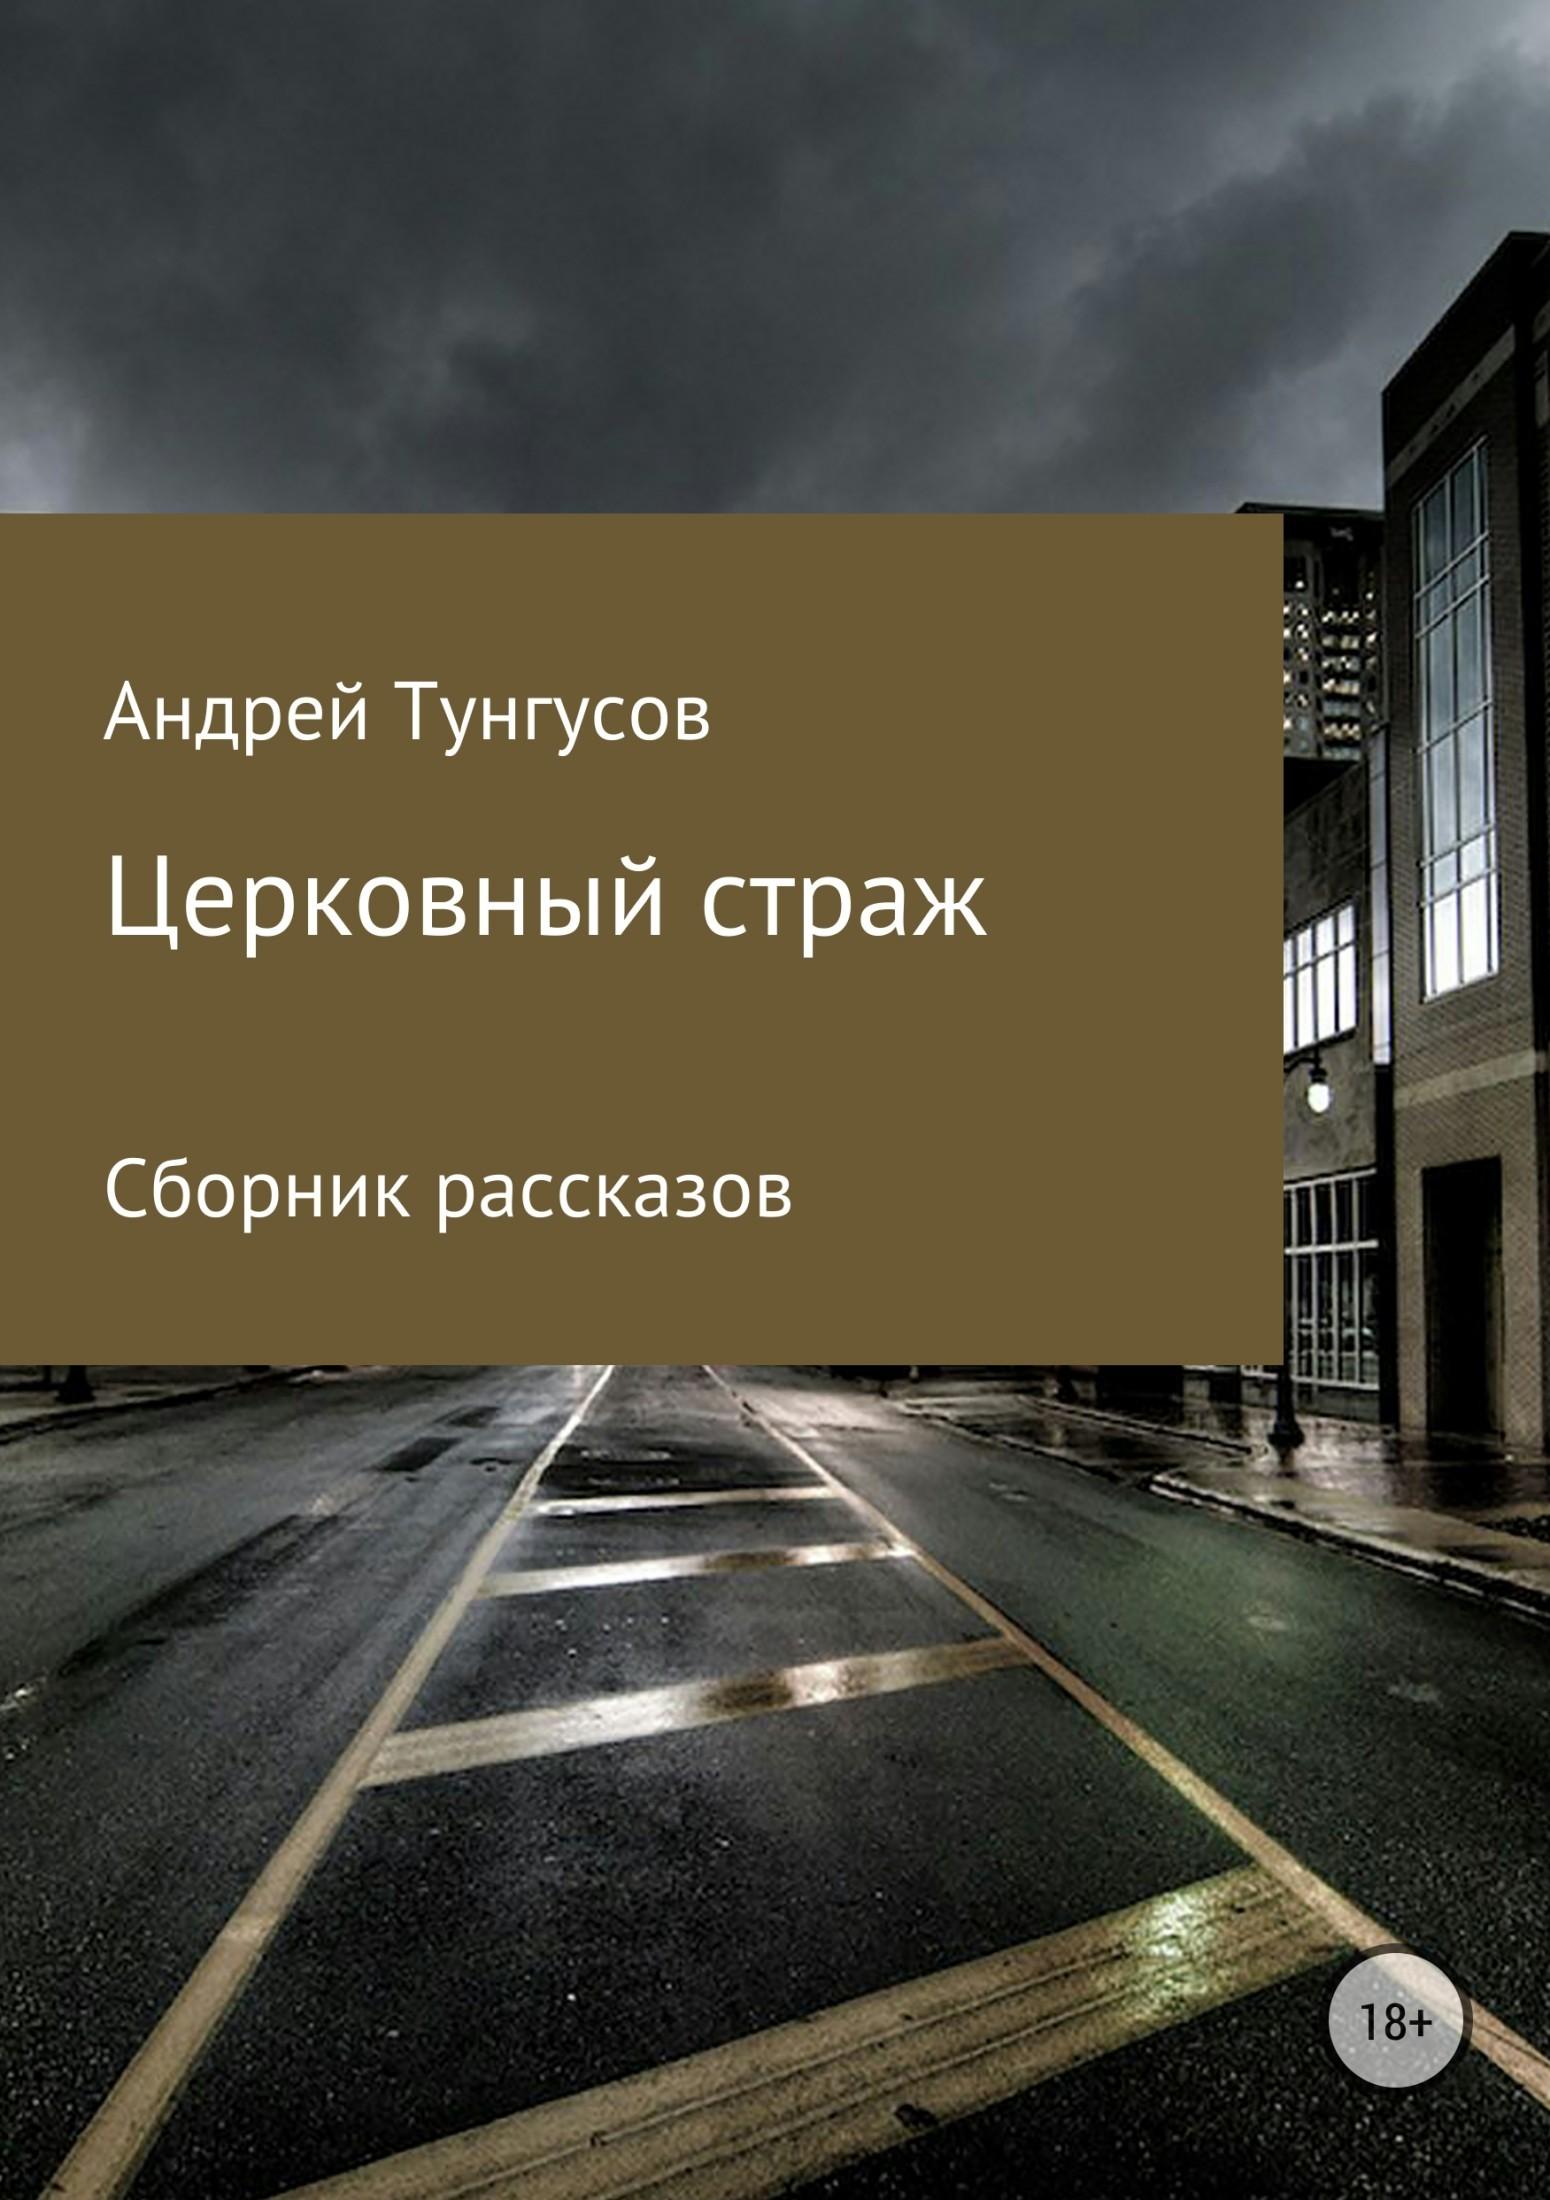 Андрей Андреевич Тунгусов Церковный страж. Сборник рассказов 13 ведьм сборник рассказов